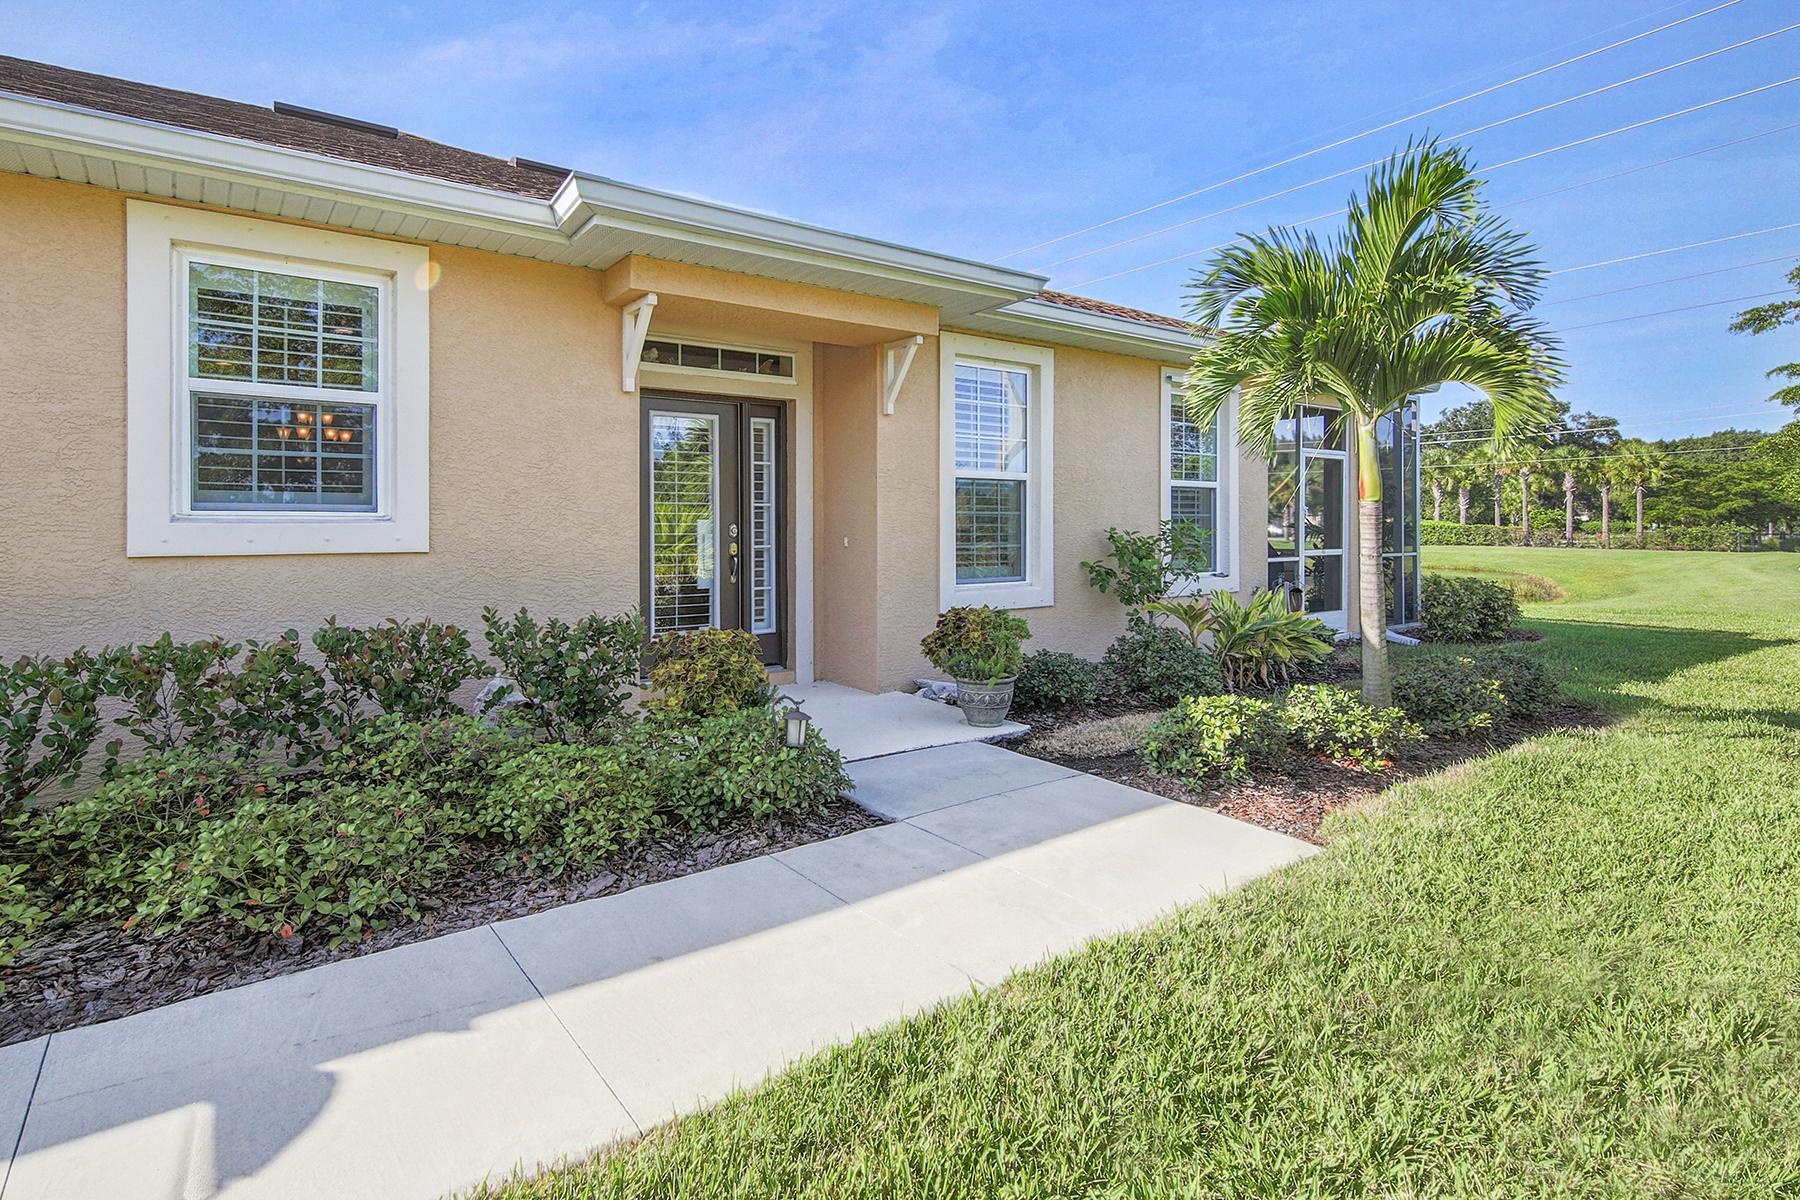 Stadthaus für Verkauf beim VERONA RESERVE 251 Capulet Dr Venice, Florida, 34292 Vereinigte Staaten